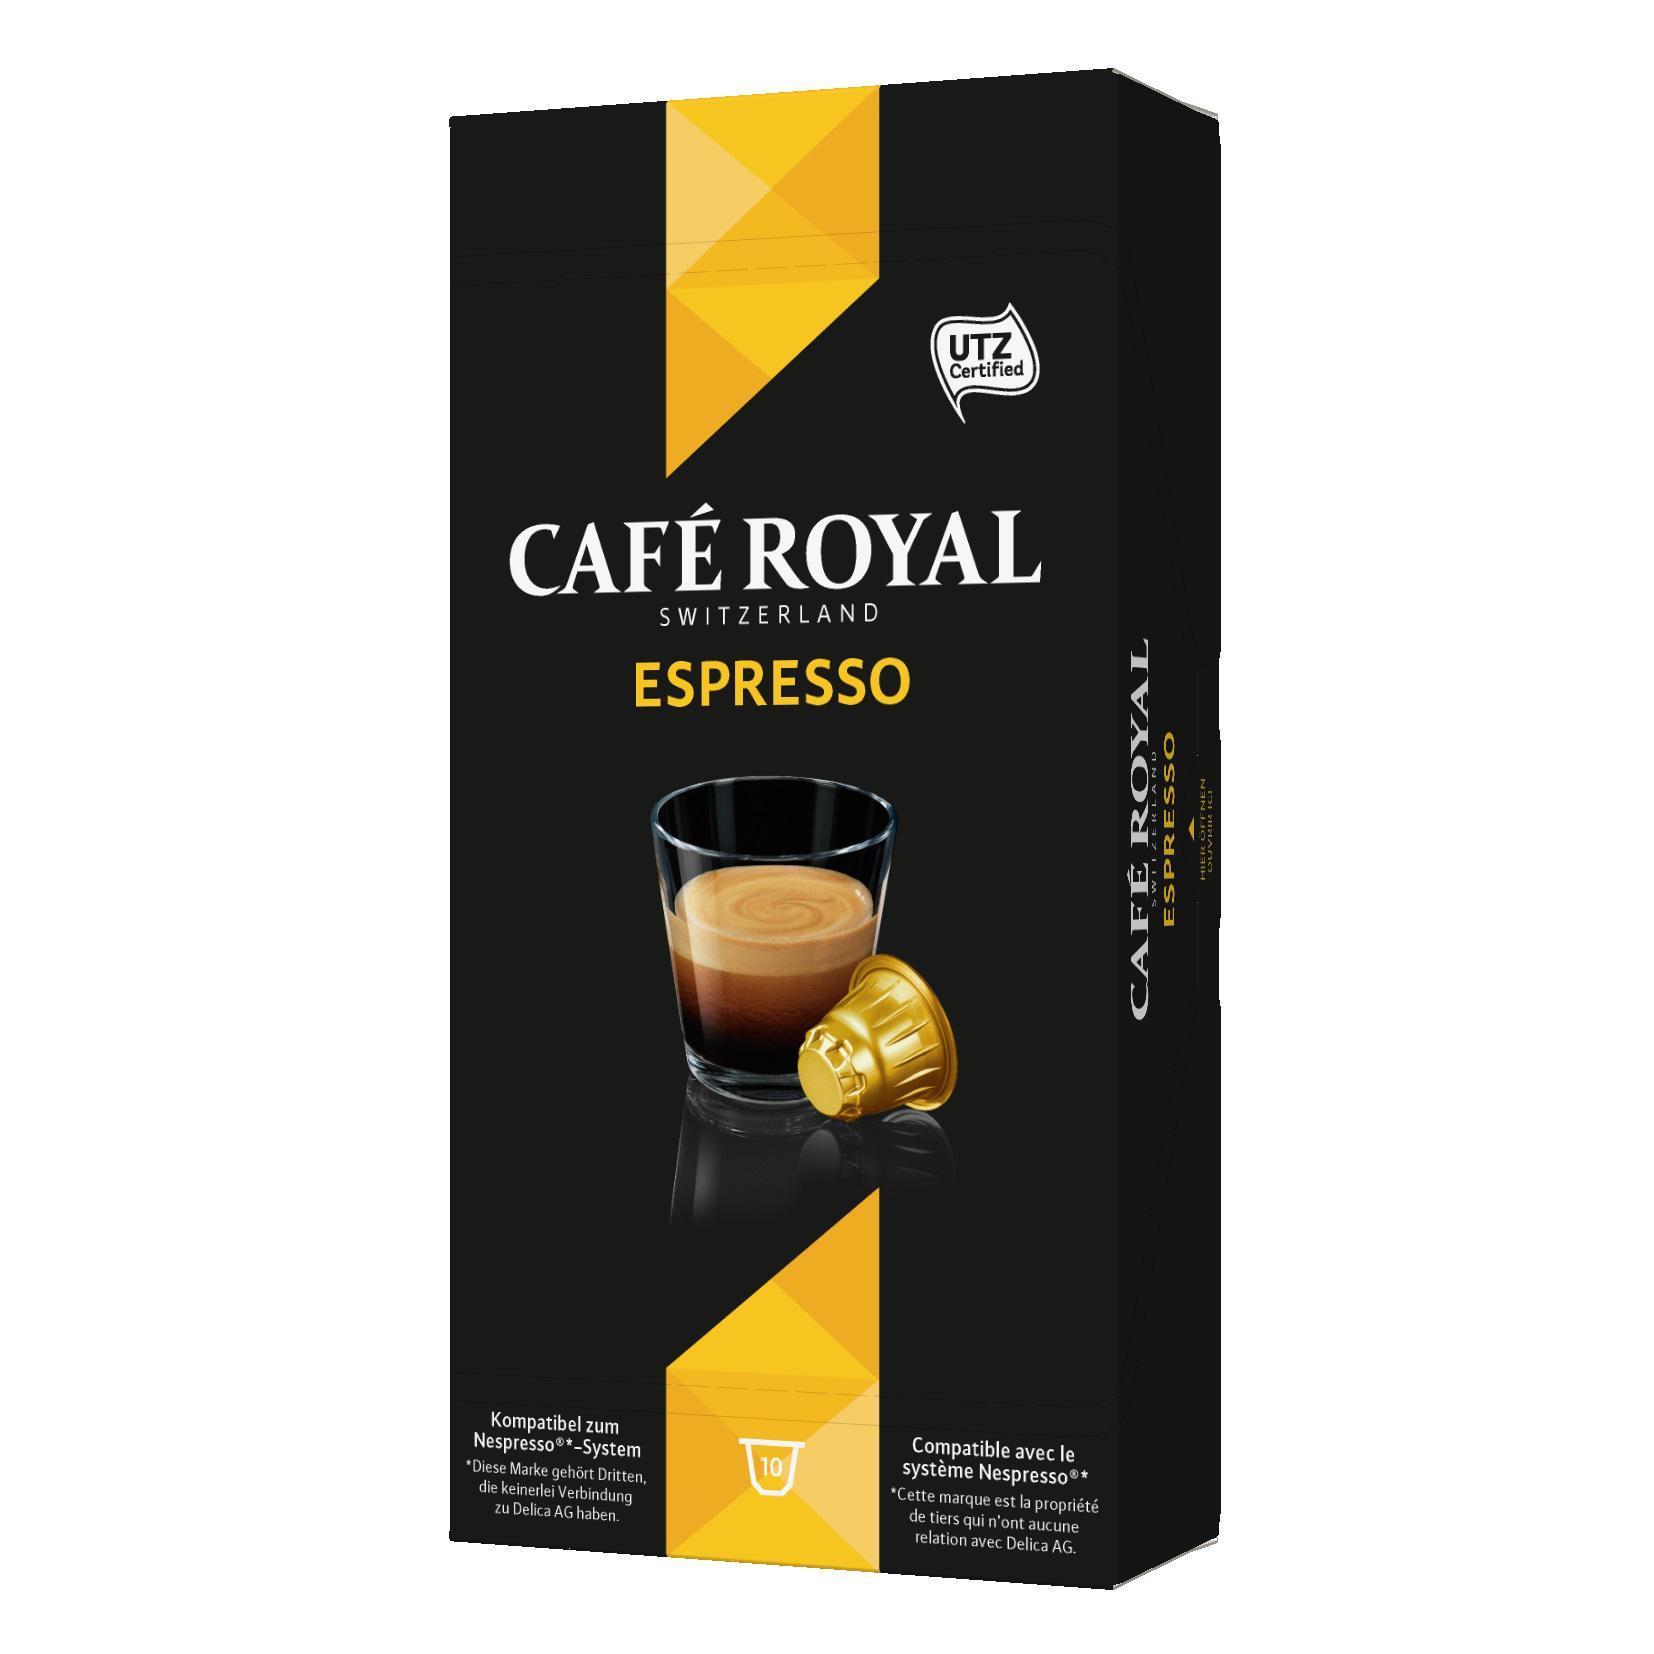 Pack de capsules Café Royal compatibles Nespresso gratuit (+ gain de 0,80€) (via C-wallet et Shopmium)